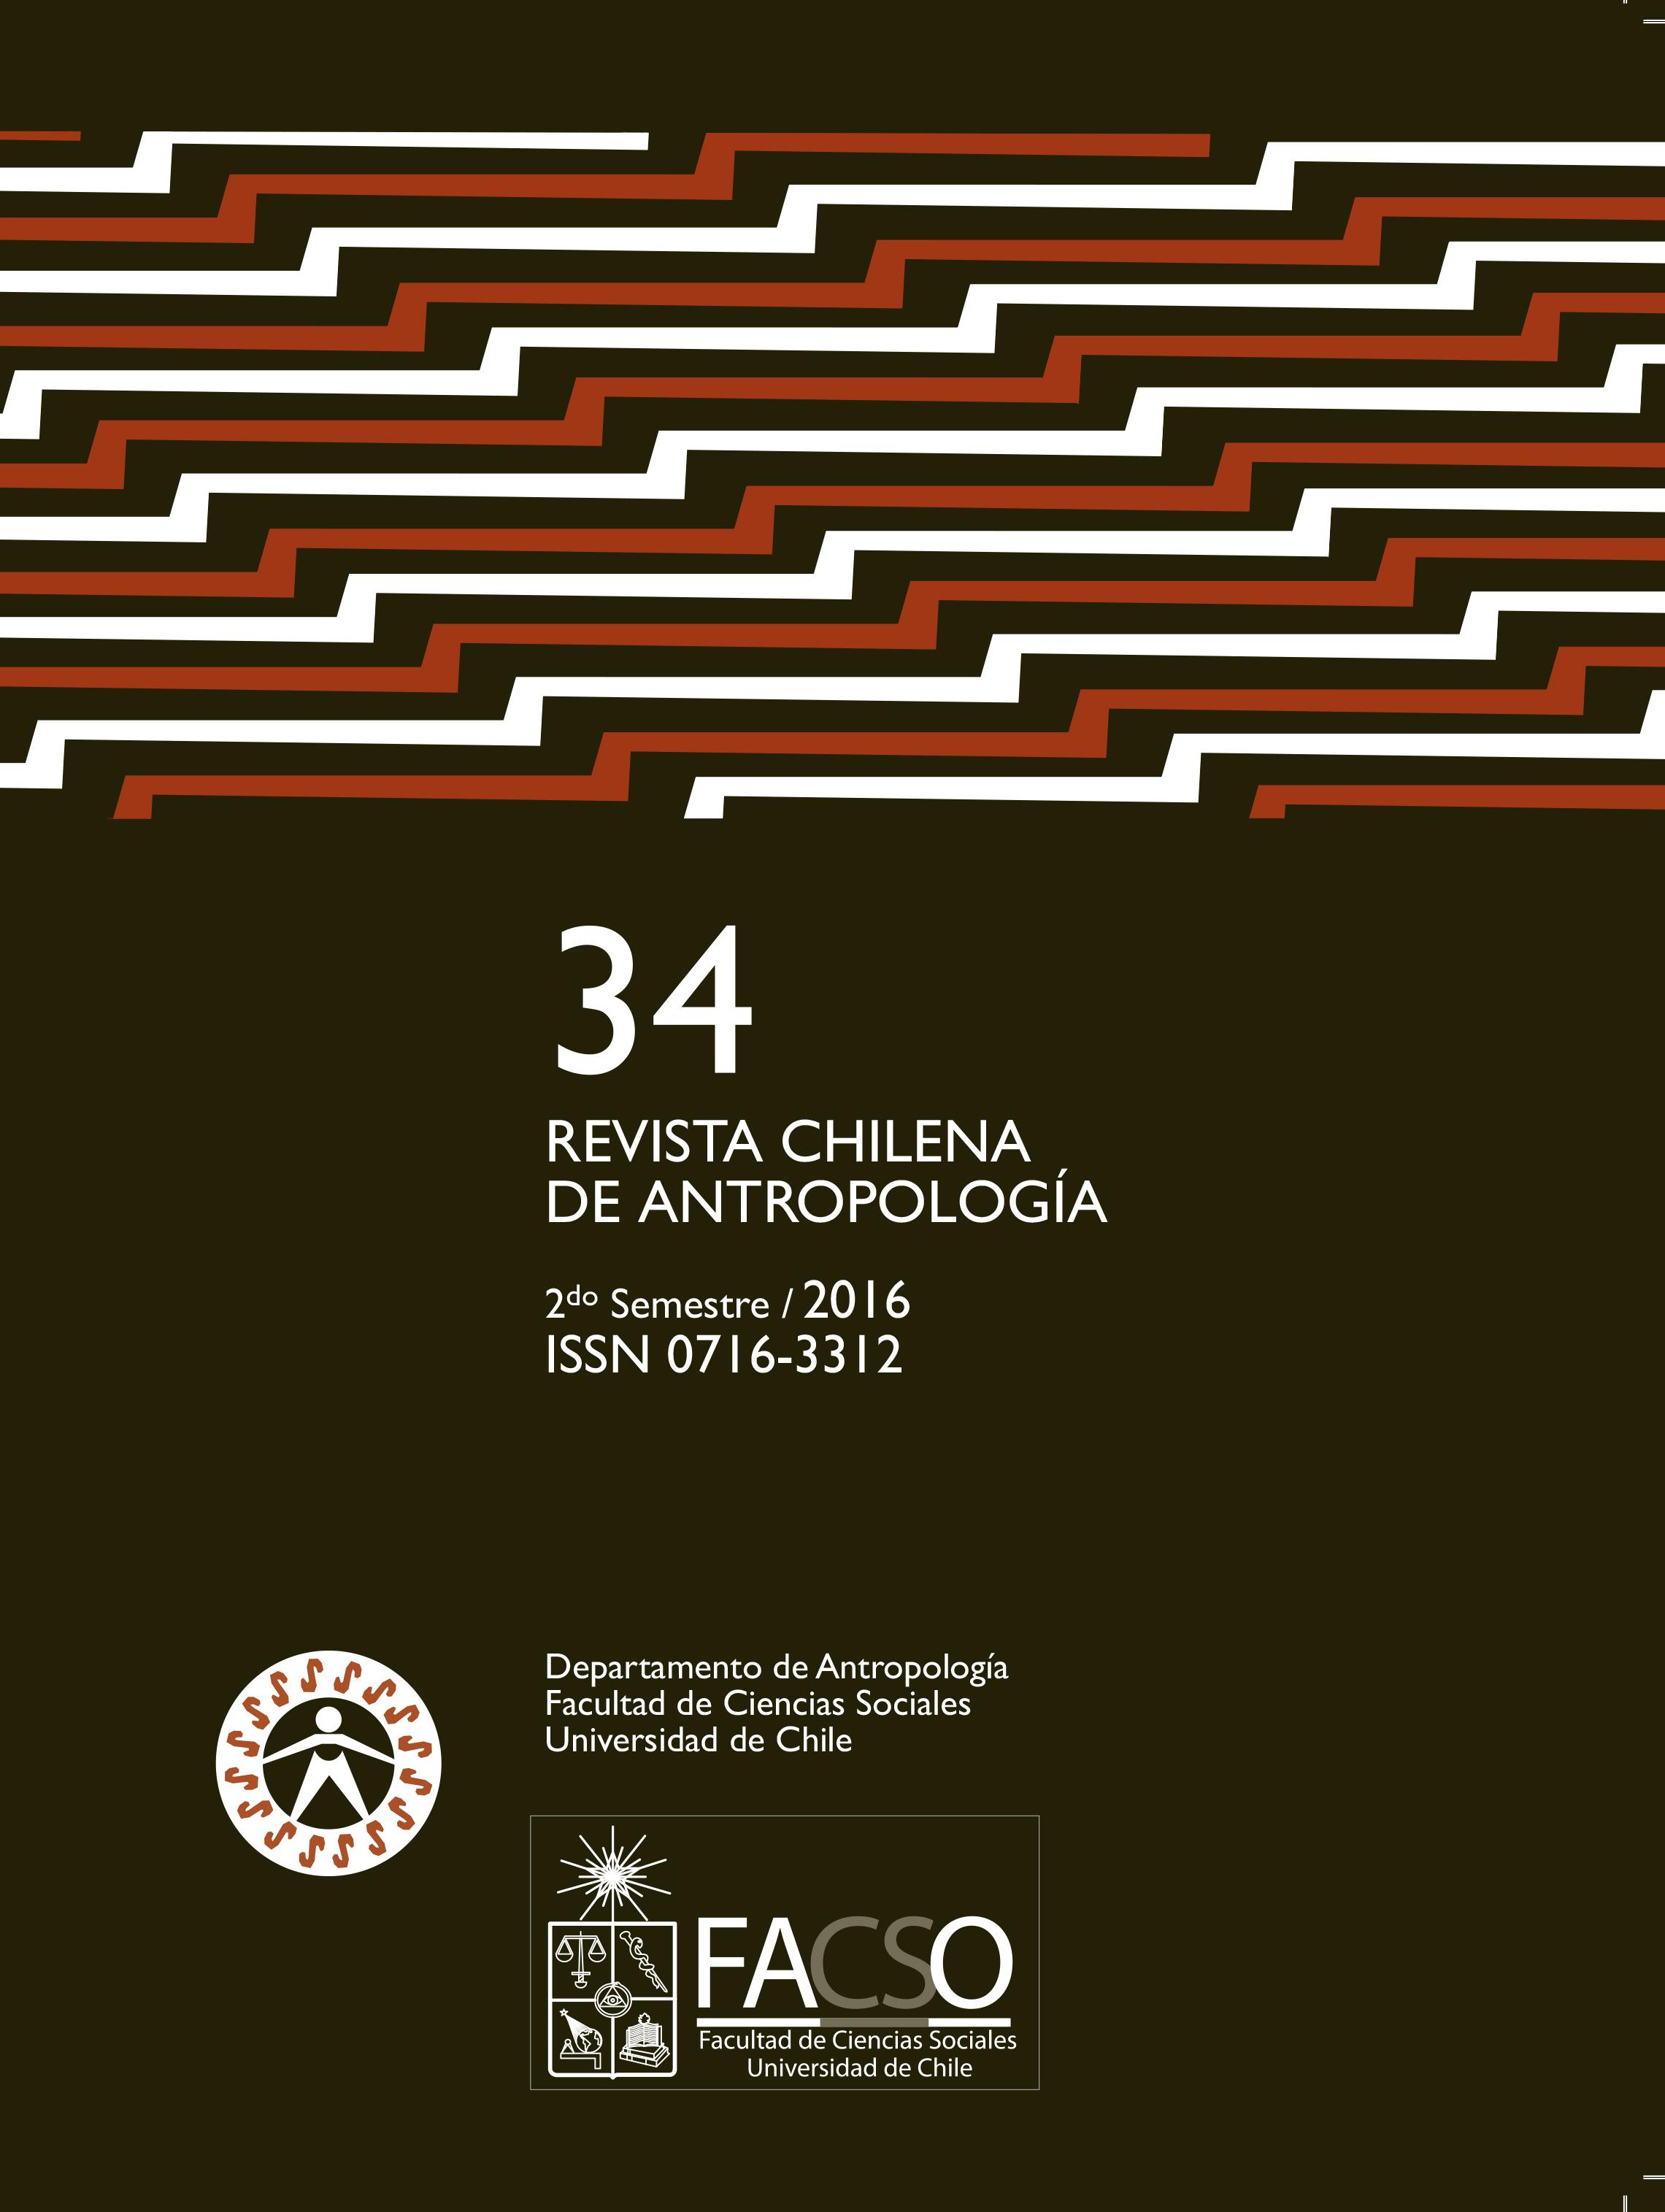 Revista Chilena de Antropología